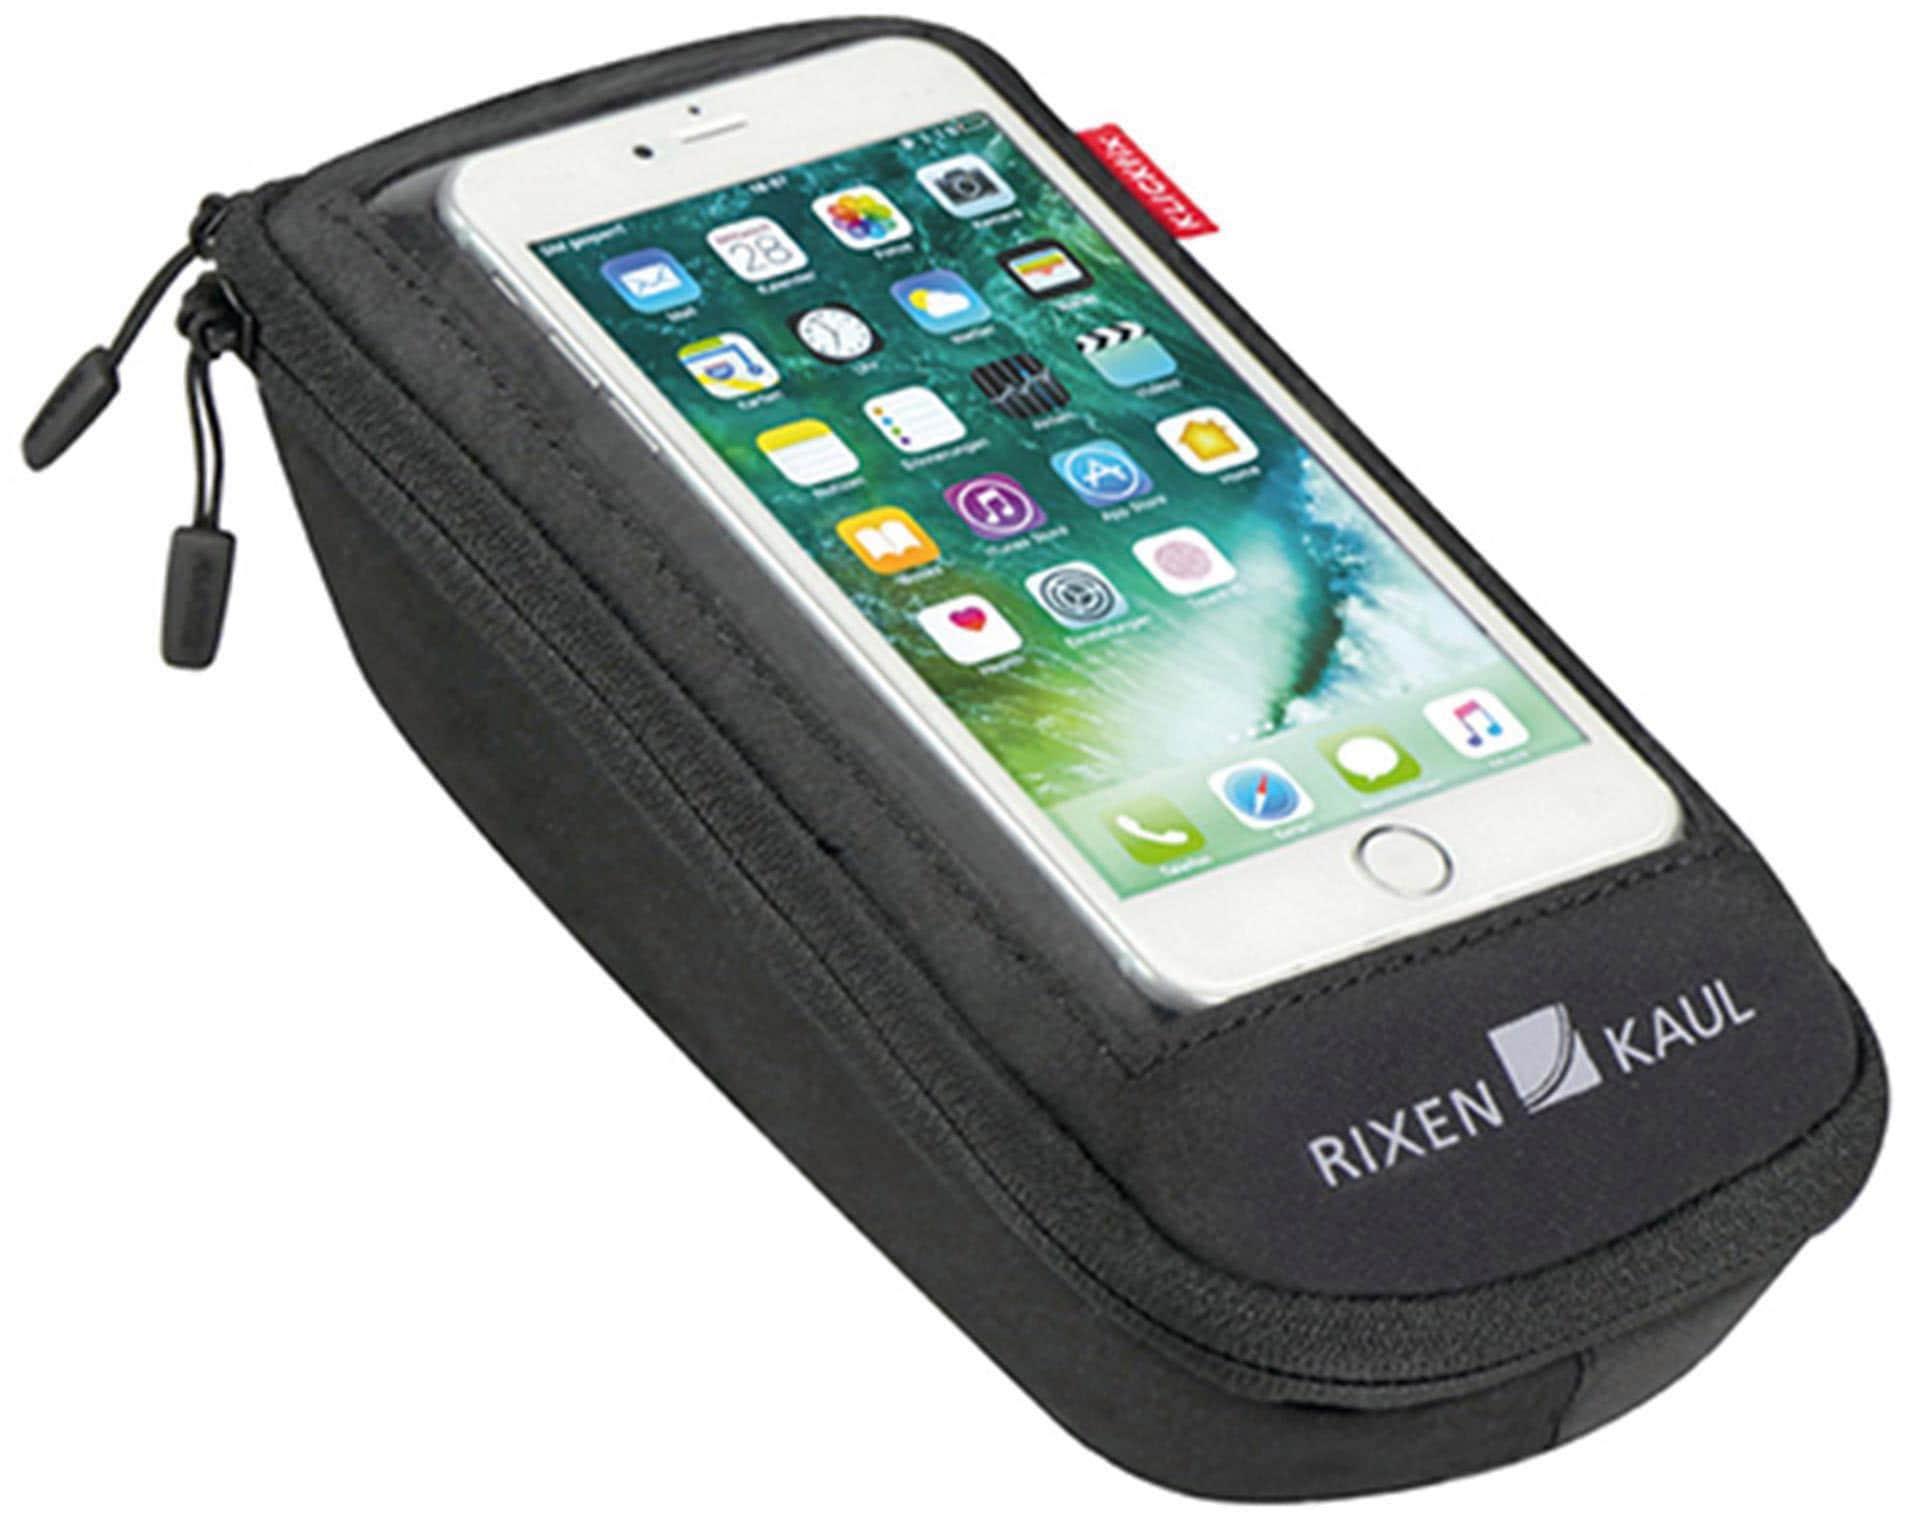 """KlickFix Lenkertasche Lenkertasche für Smartphones RIXEN & KAUL """"Phone Bag Plus M"""" Technik & Freizeit/Sport & Freizeit/Fahrräder & Zubehör/Fahrradzubehör/Fahrradtaschen/Lenkertaschen"""